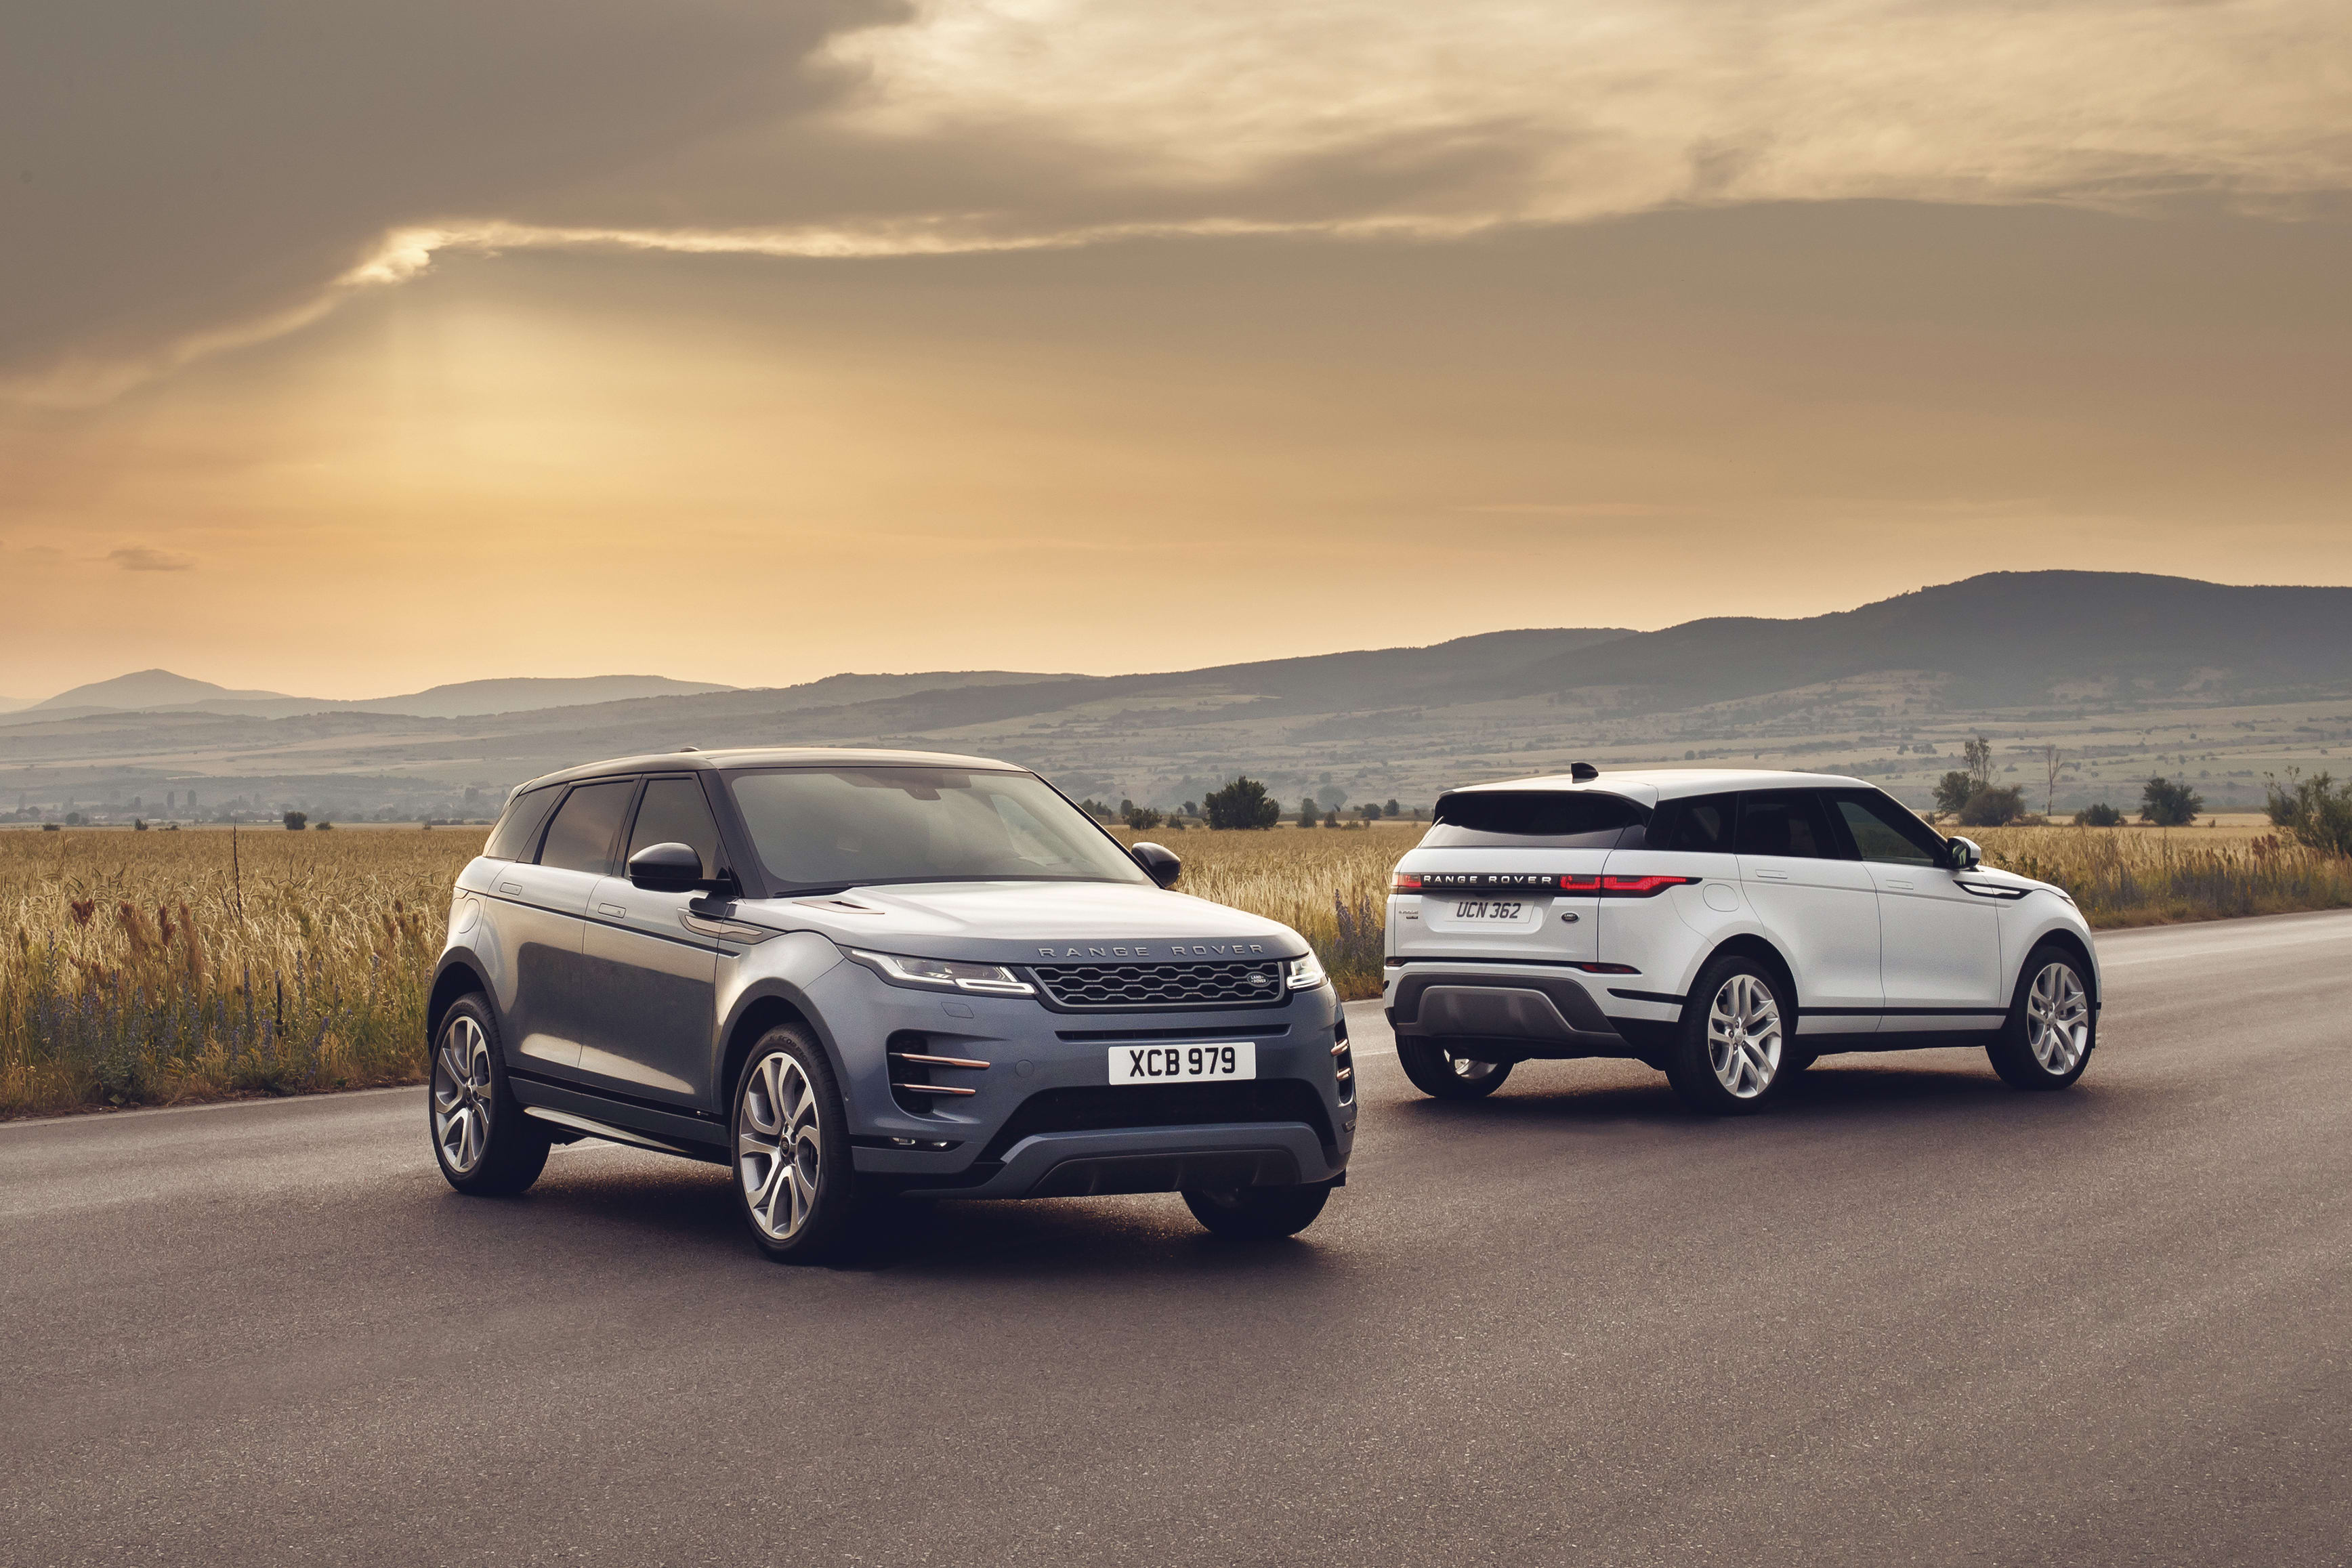 Range Rover Evoque 2019 Revealed Car News Carsguide